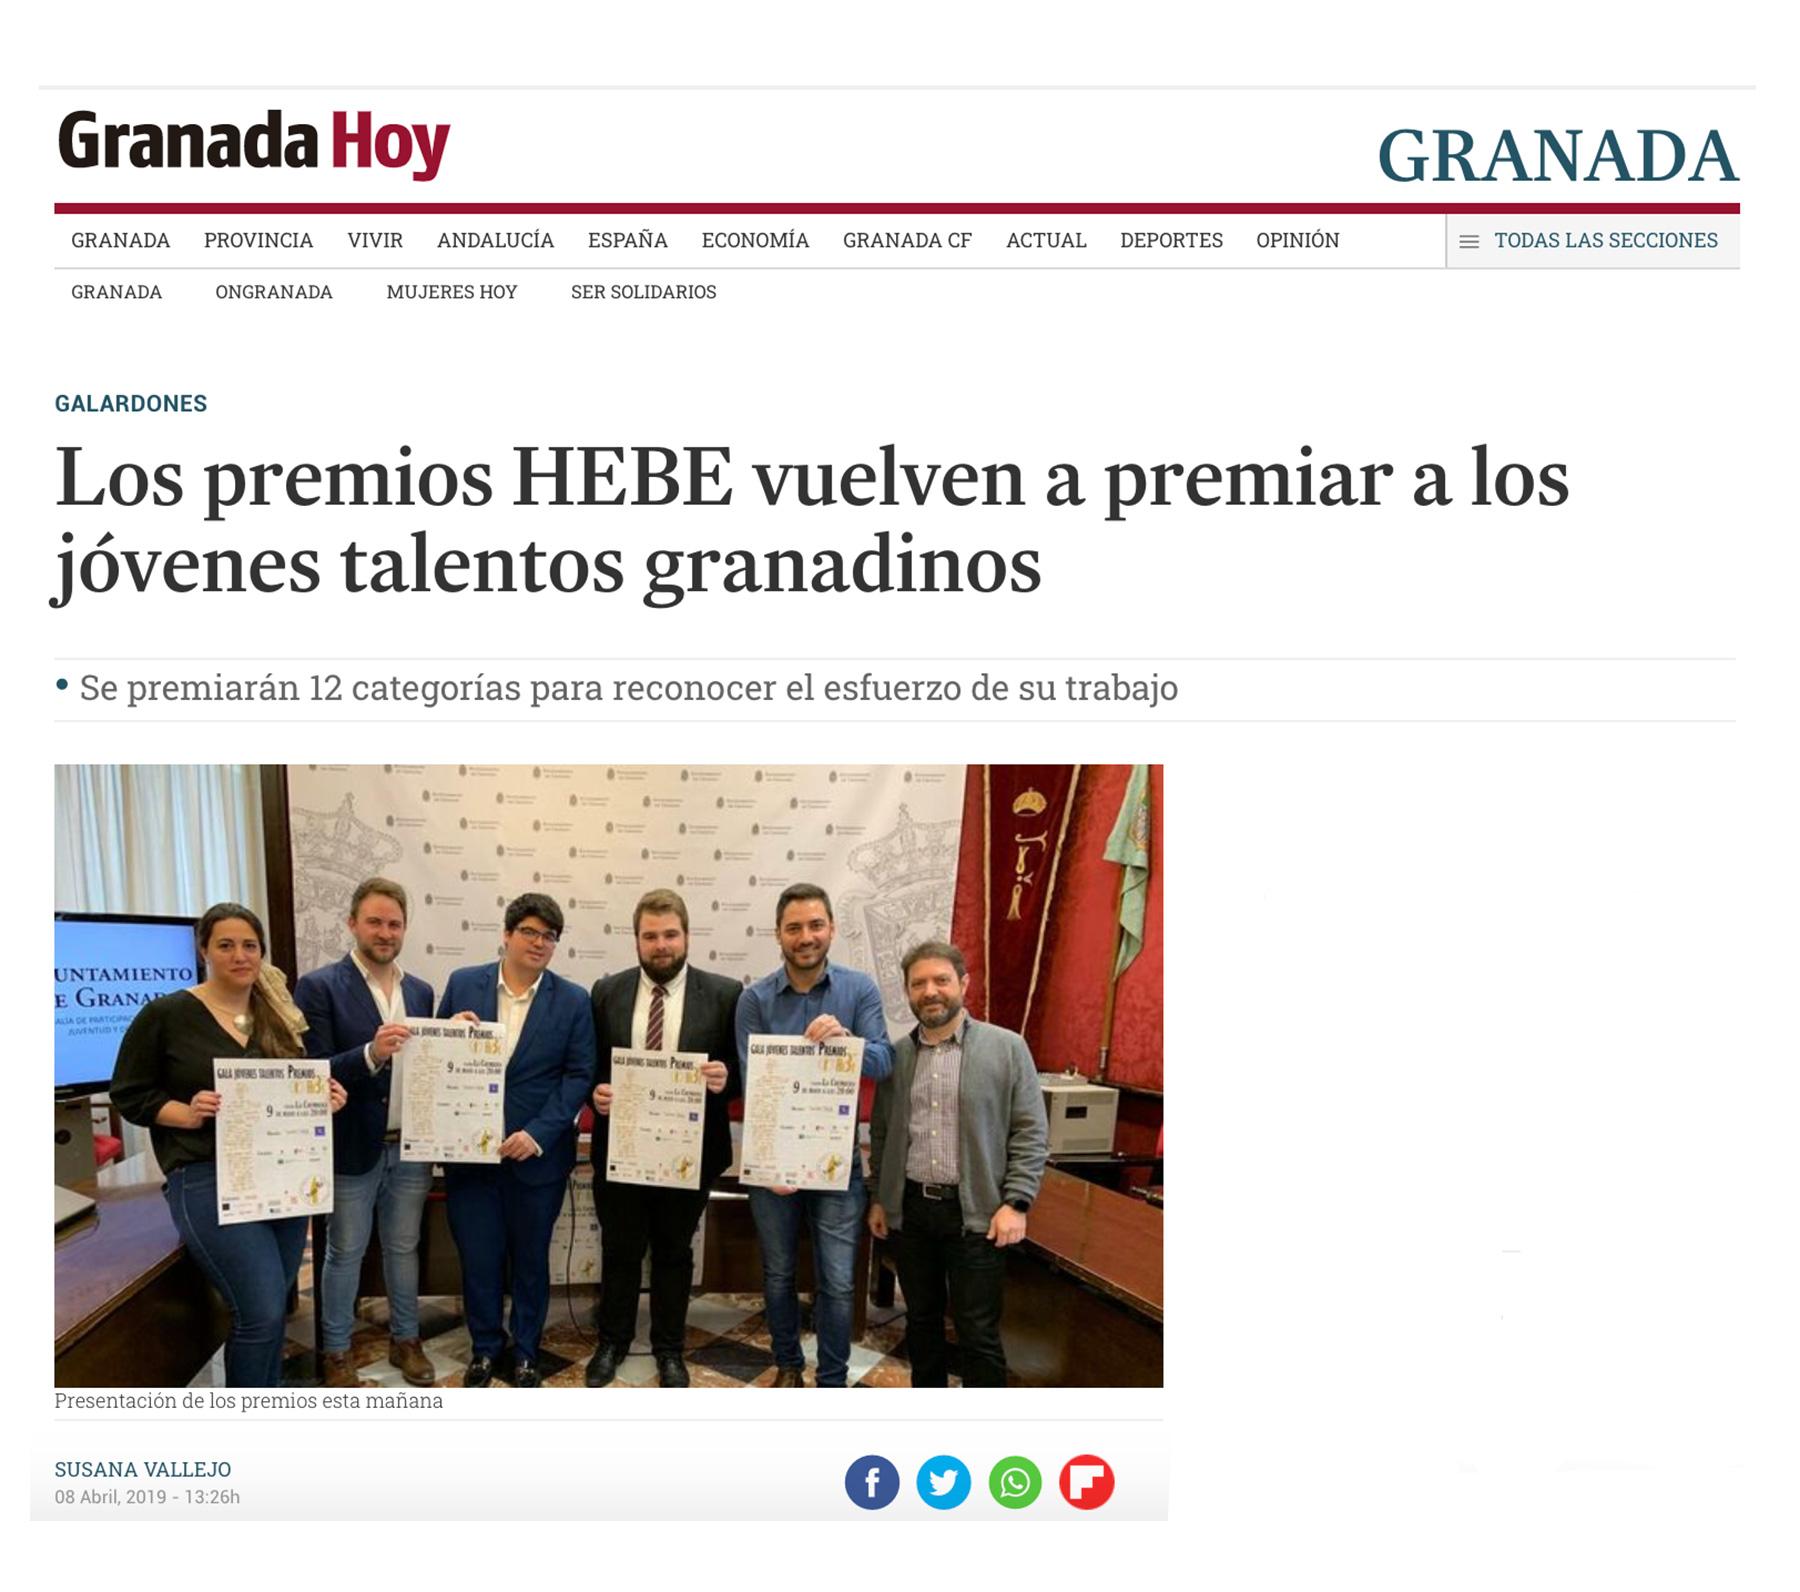 Premios Hebe - Granada Hoy